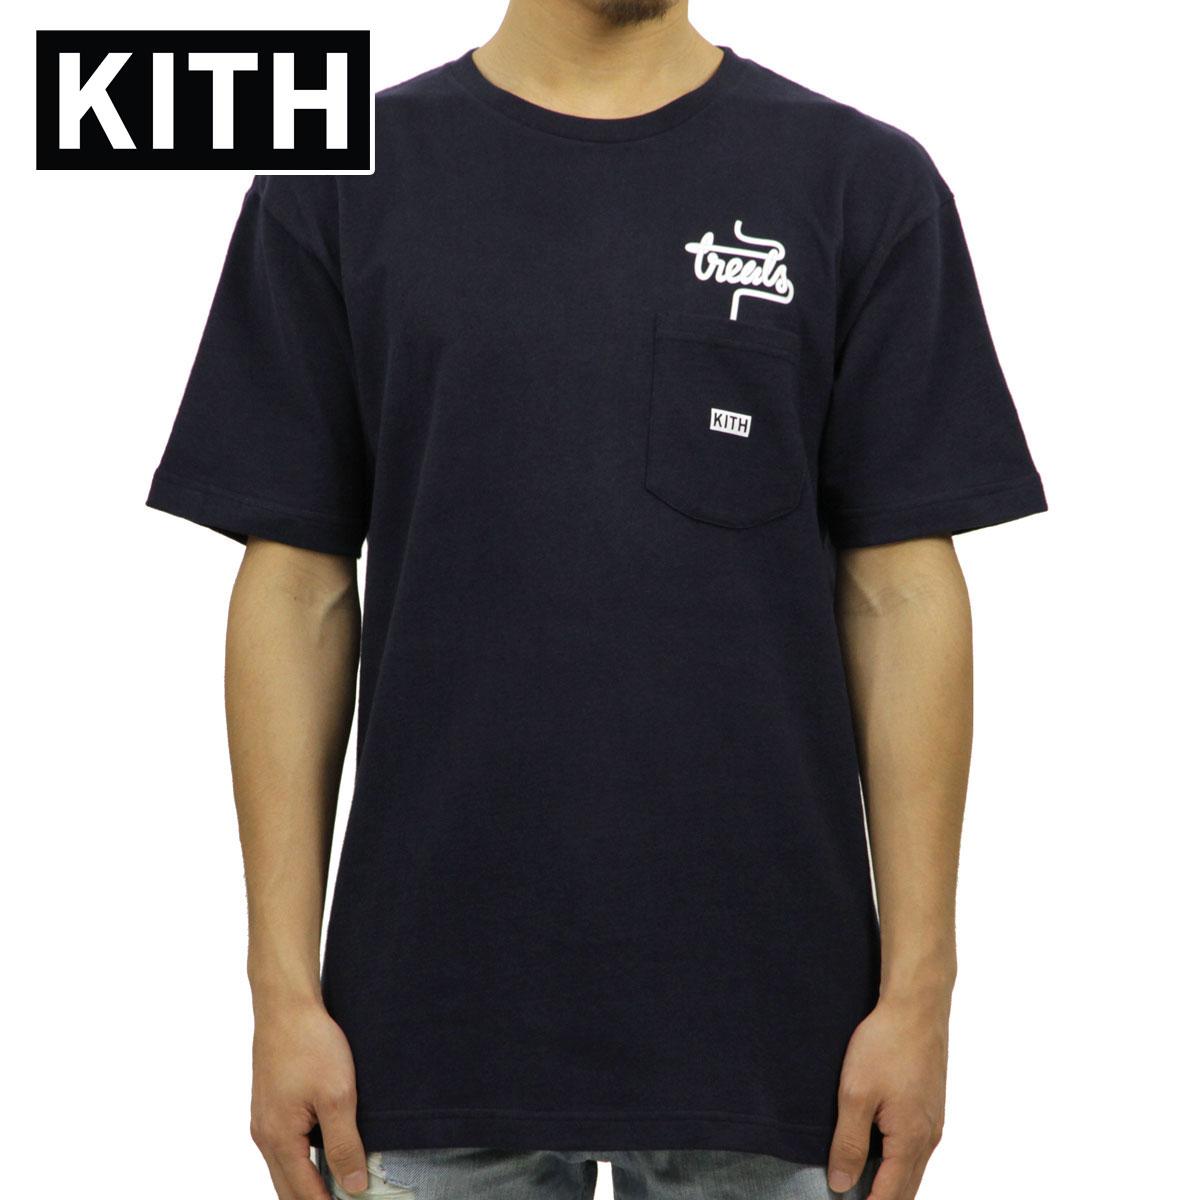 キス KITH 正規品 メンズ クルーネック 半袖ポケTシャツ KITH TREATS MILKSHAKE SPECIAL POCKET TEE KH3327-102 NAVY